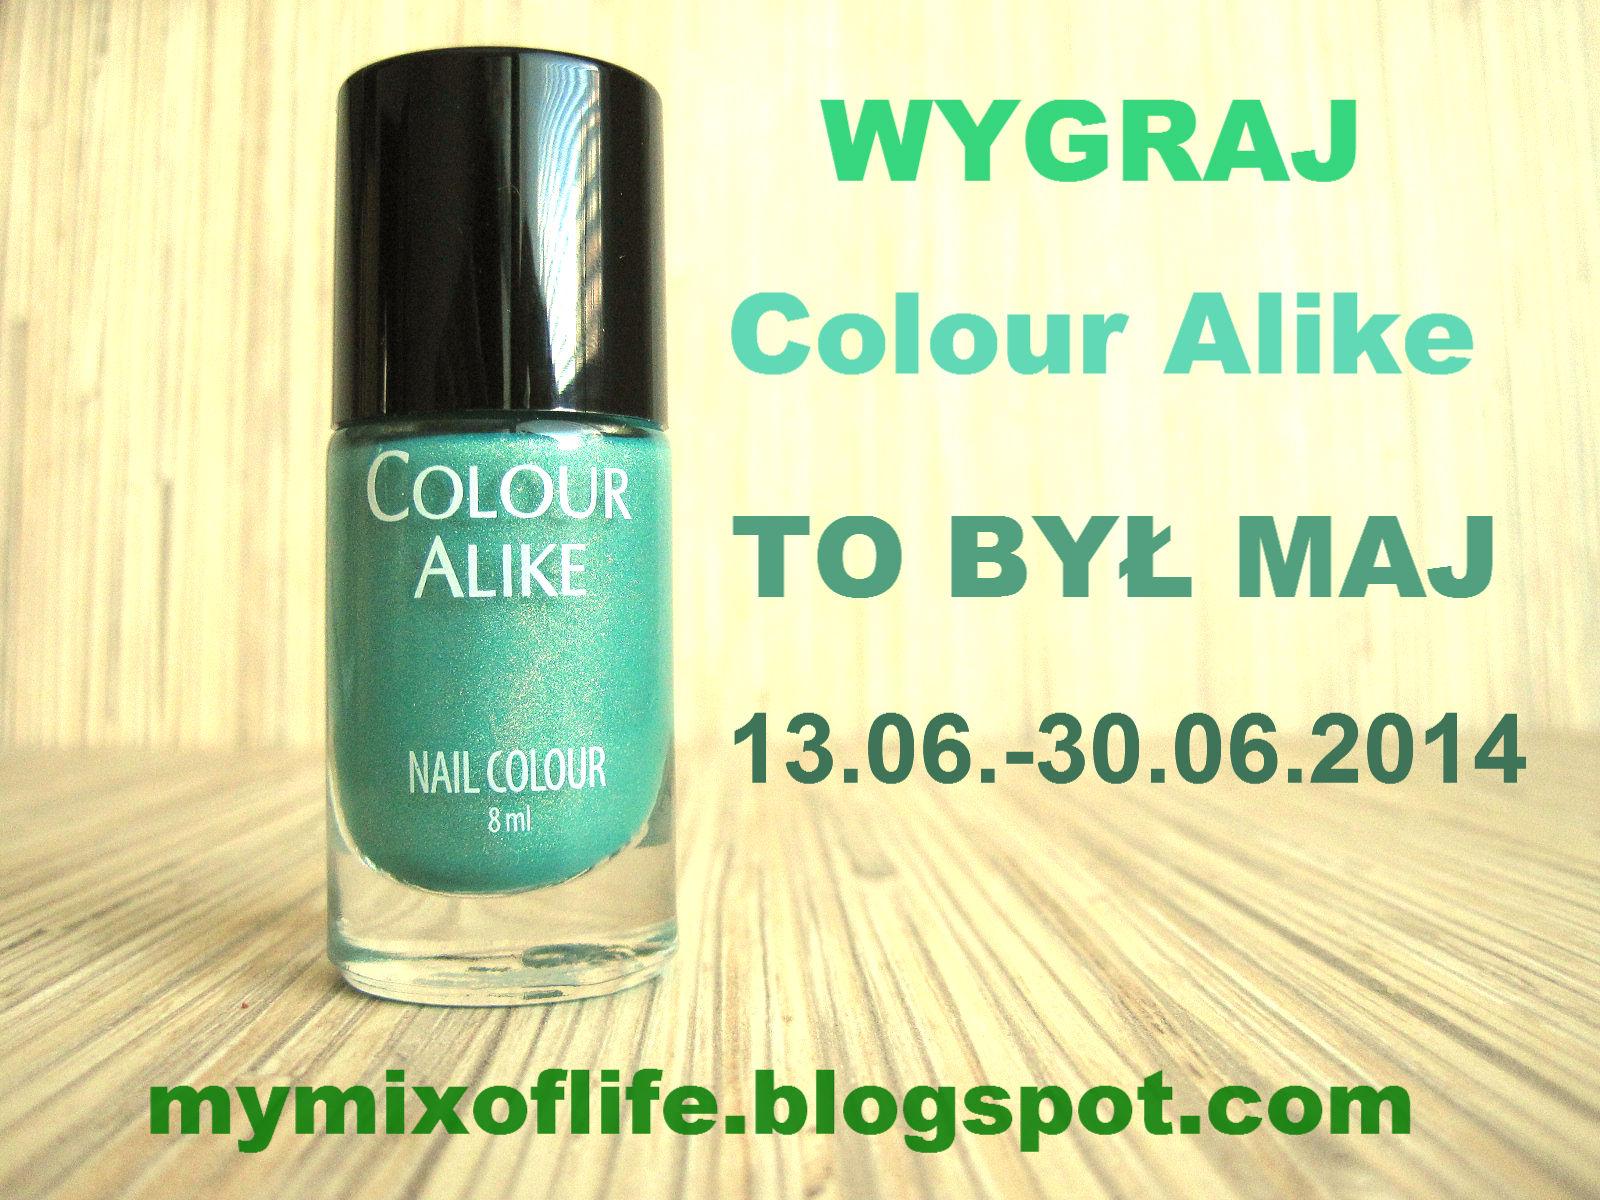 http://mymixoflife.blogspot.com/2014/06/to-by-maj-mozesz-go-tu-wygrac.html